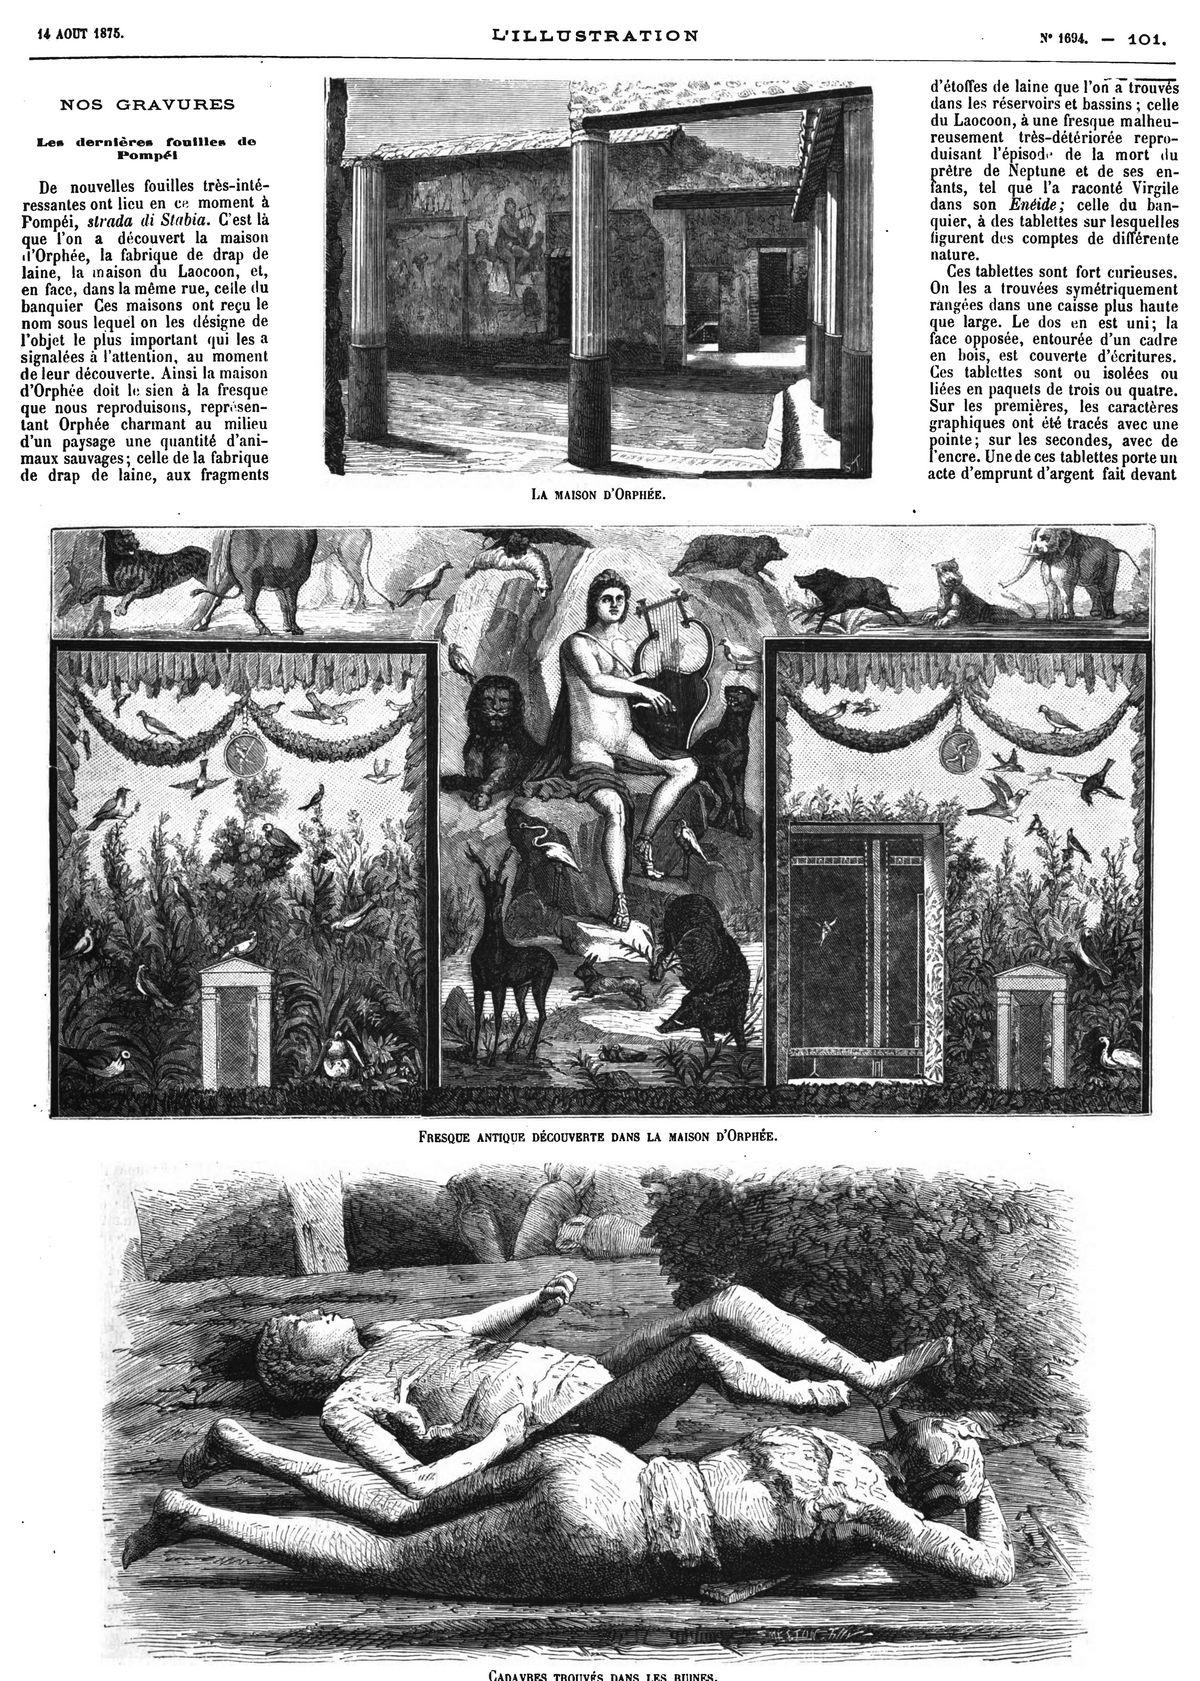 Les nouvelles découvertes faites à Pompéi (3 gravures).